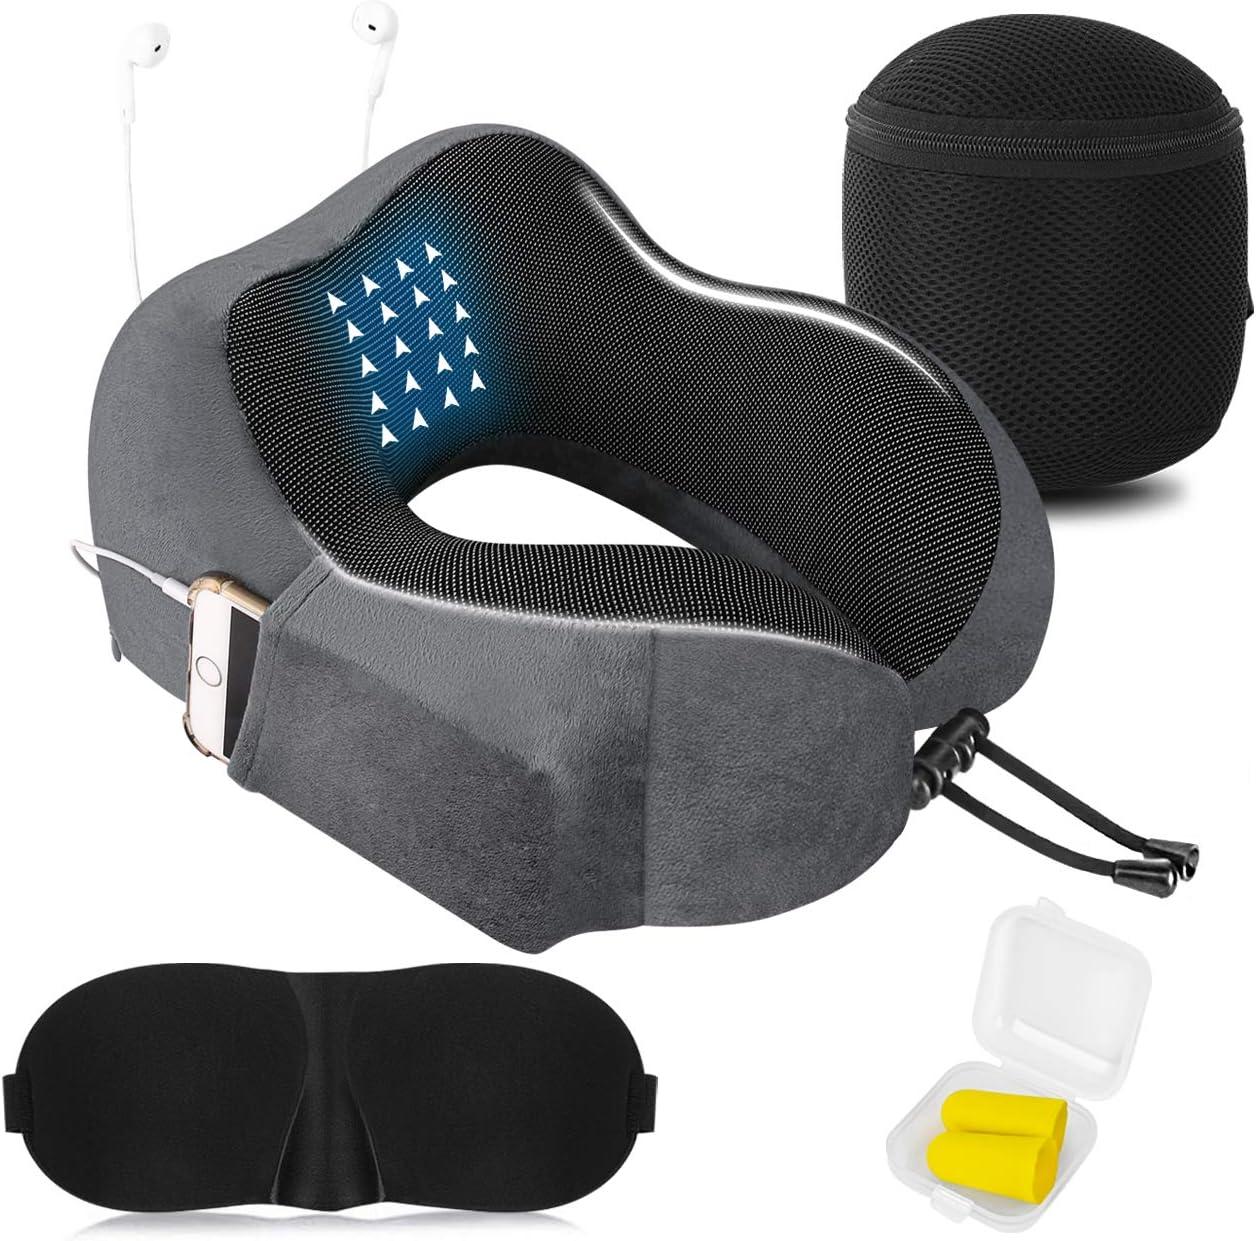 Almohada de Viaje Cervical Viscolástica Ortopédica - Almohada de Cuello,Almohadas de Acampada,Soporte de Cuello,con Máscara de Ojos 3D y Tapones para los oídos,Adecuada para Viajes,Oficina (Gris).